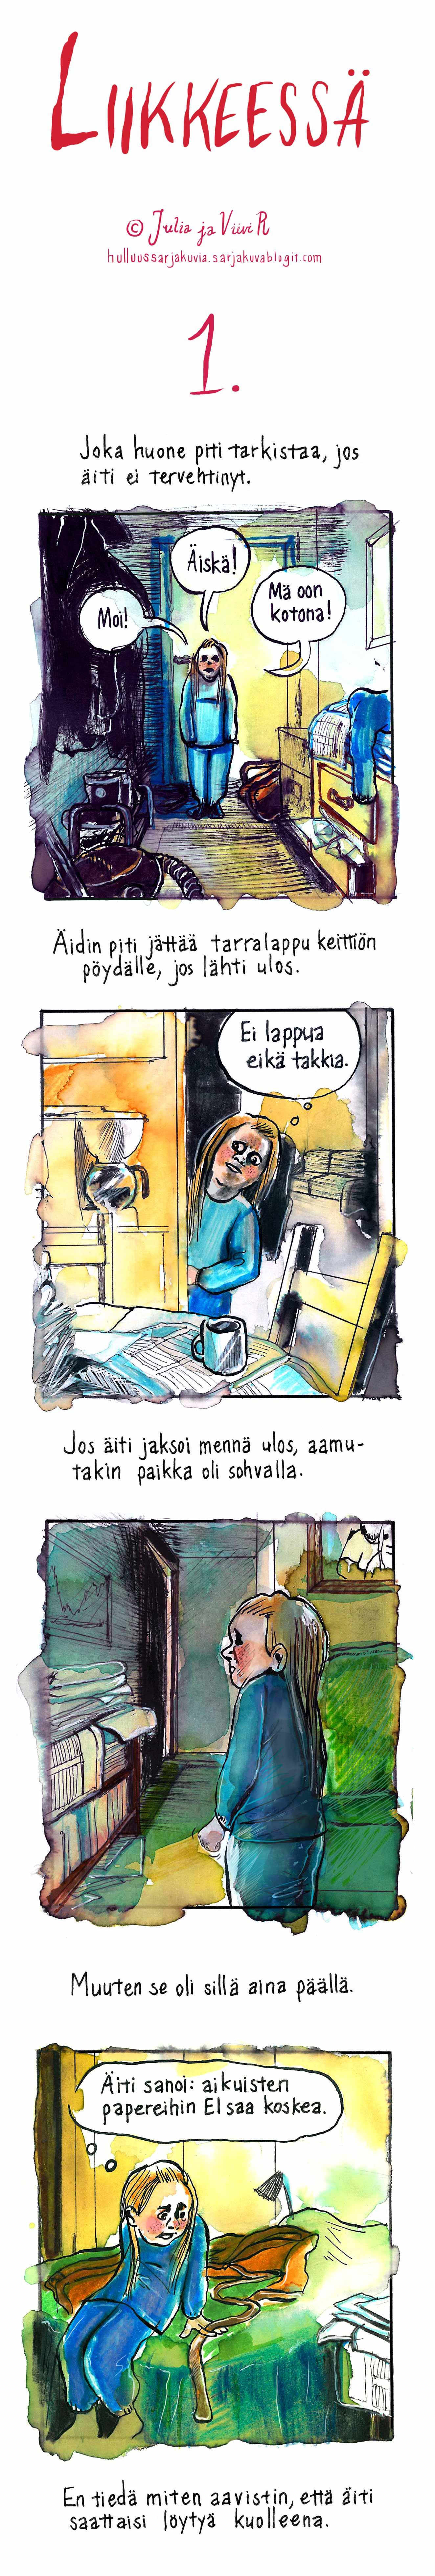 juliantarina_hulluussarjakuvat2016_1blogiin